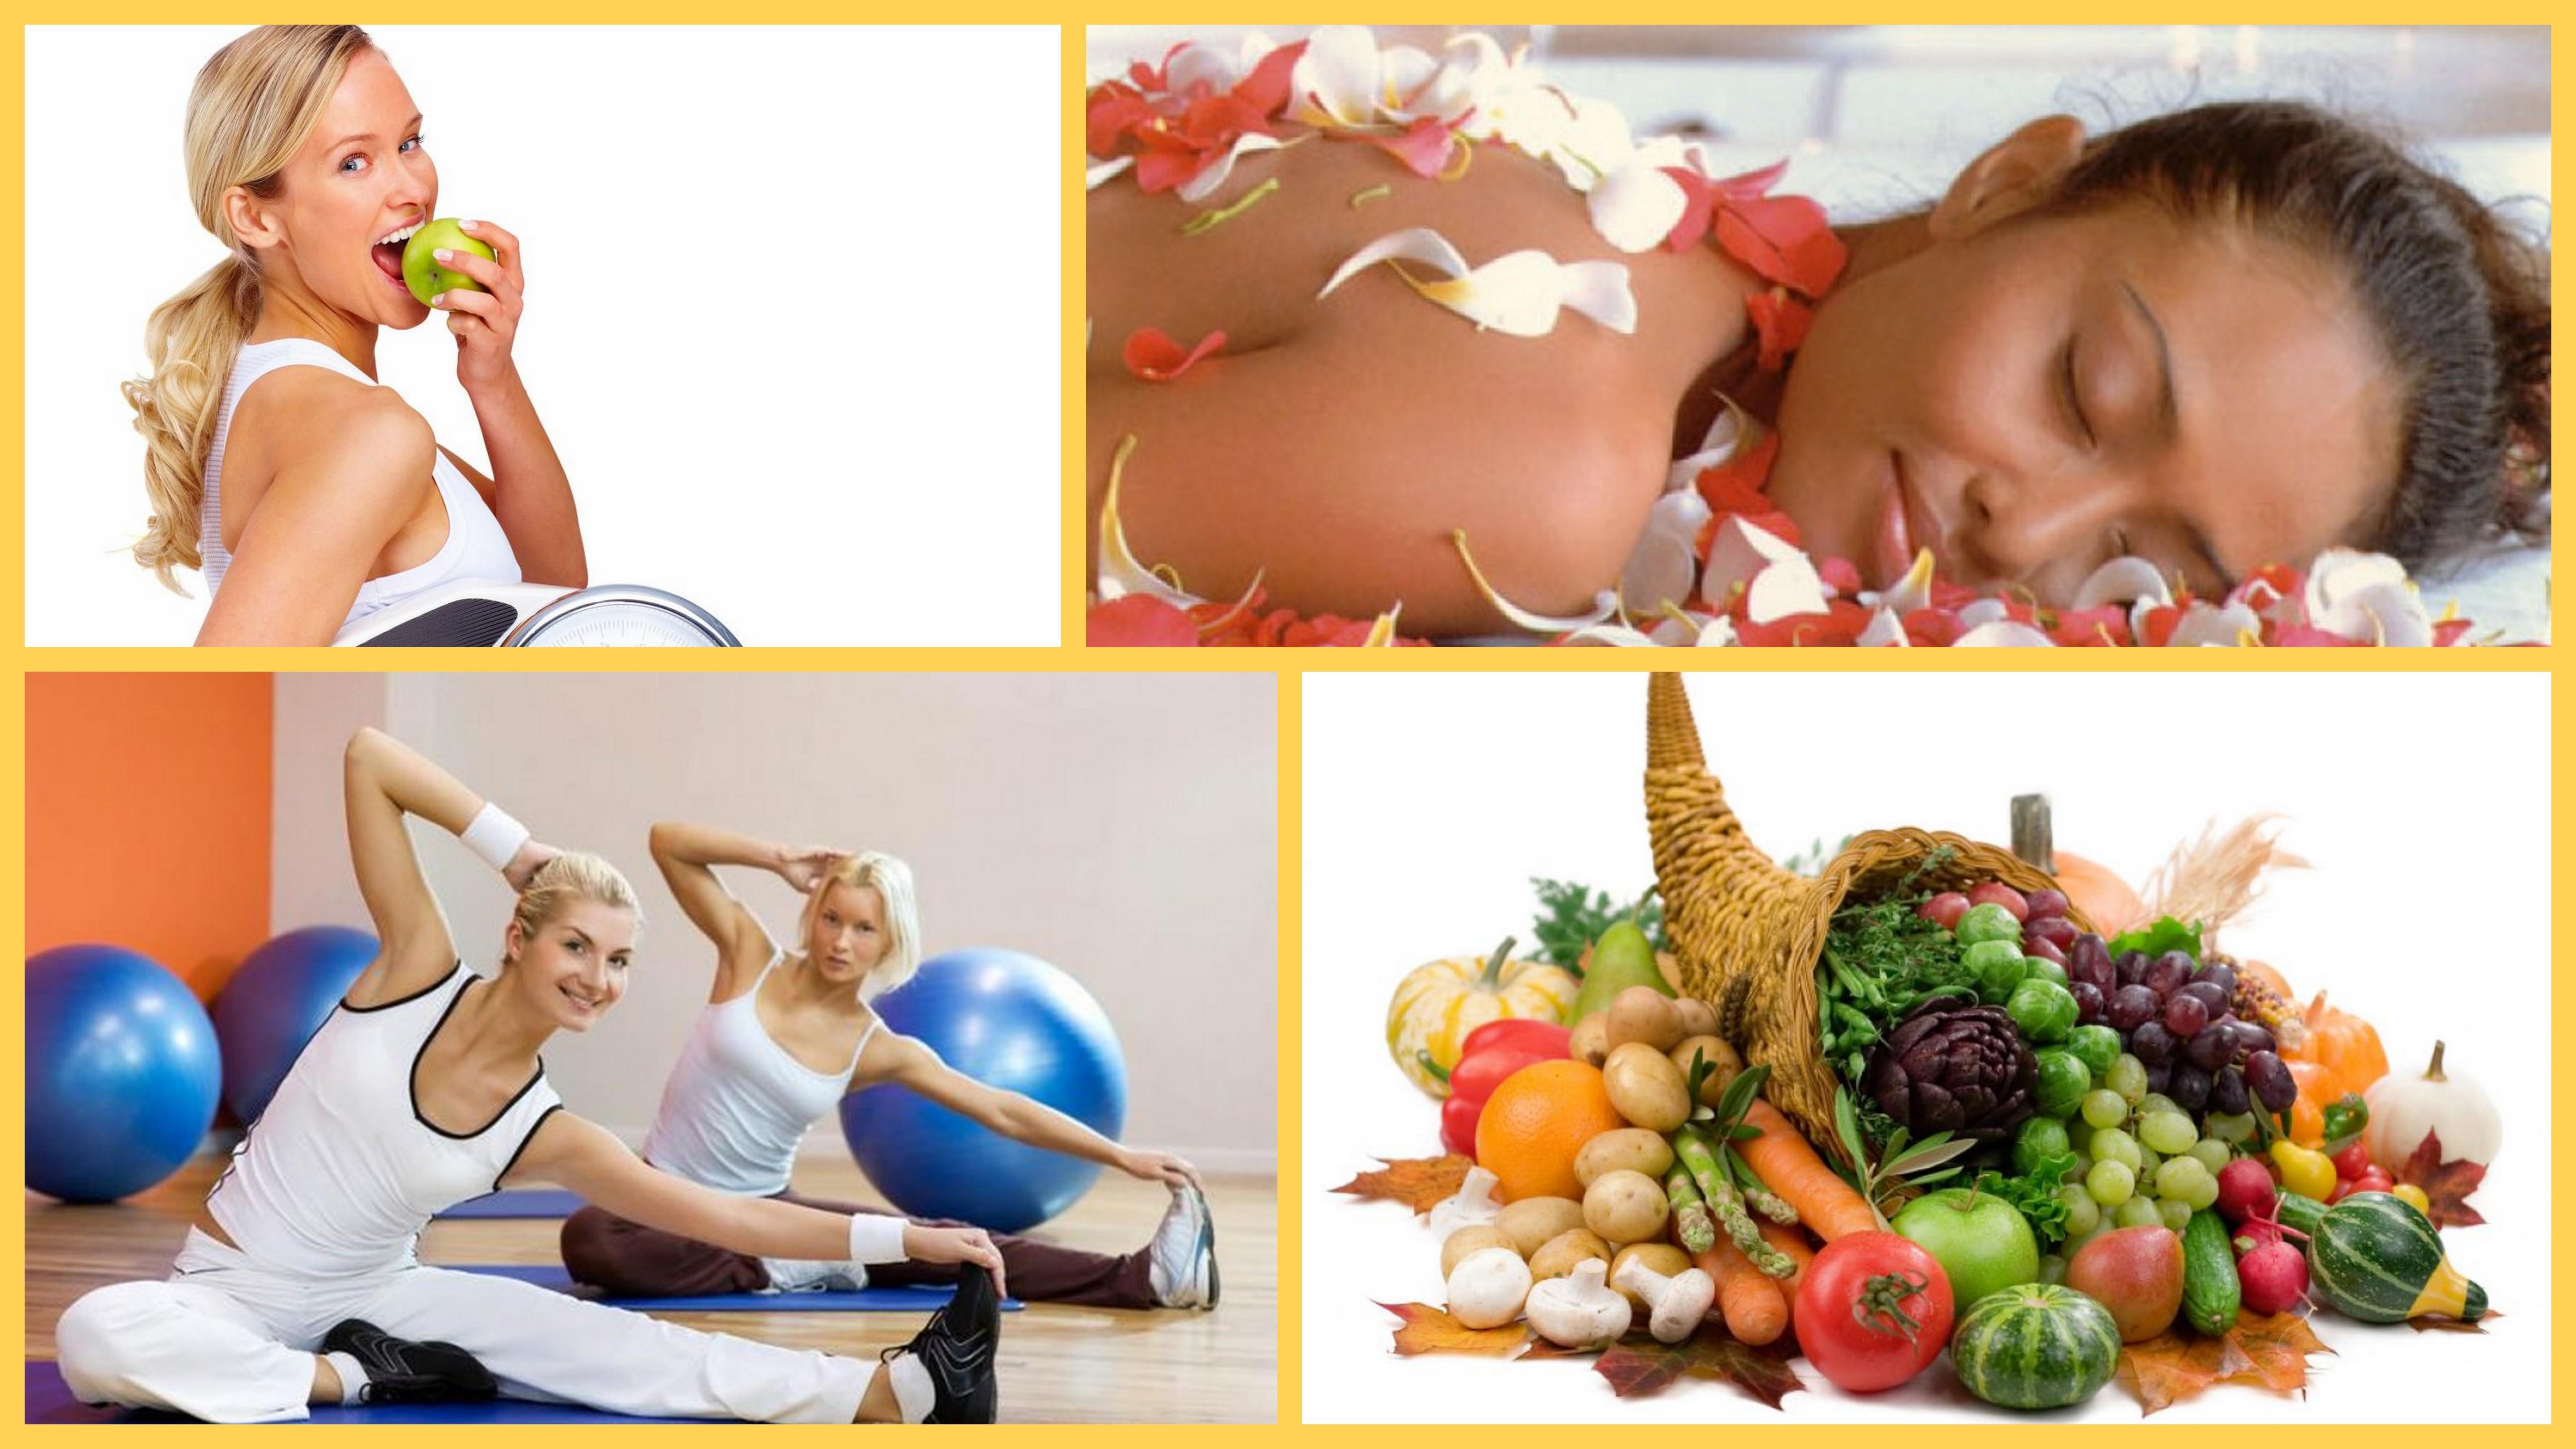 Картинки для карты желаний лучшие красивые здоровье